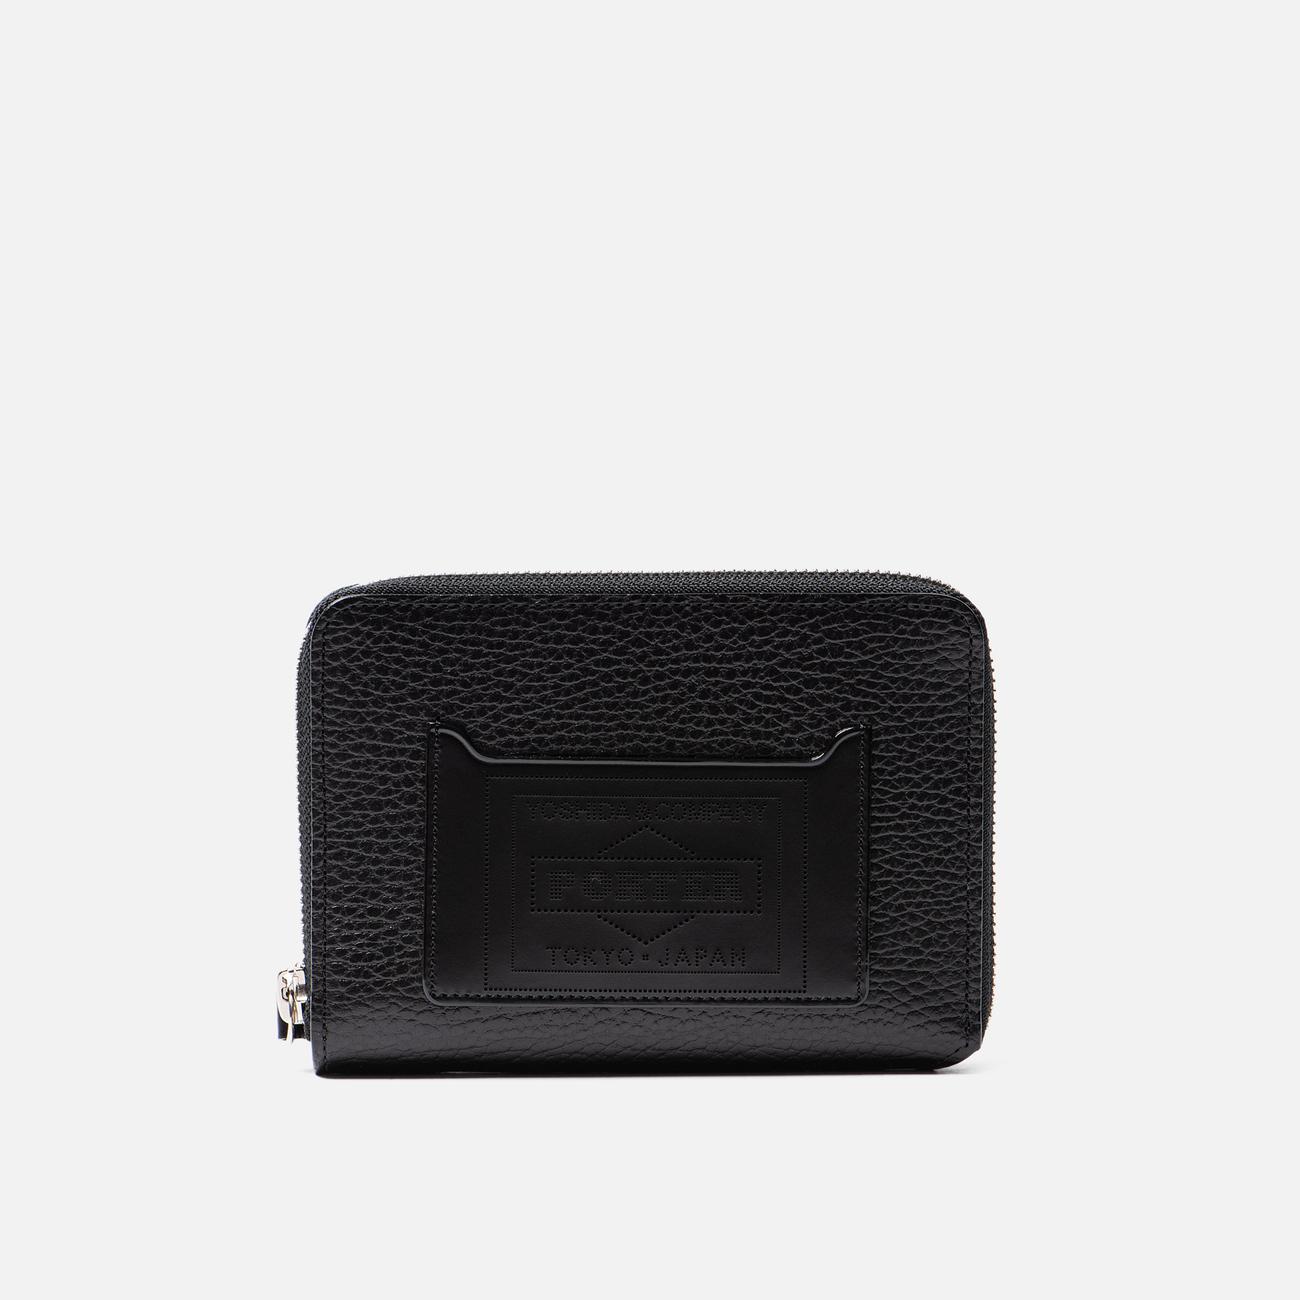 Кошелек Porter-Yoshida & Co Glaze Leather Passport Case Black